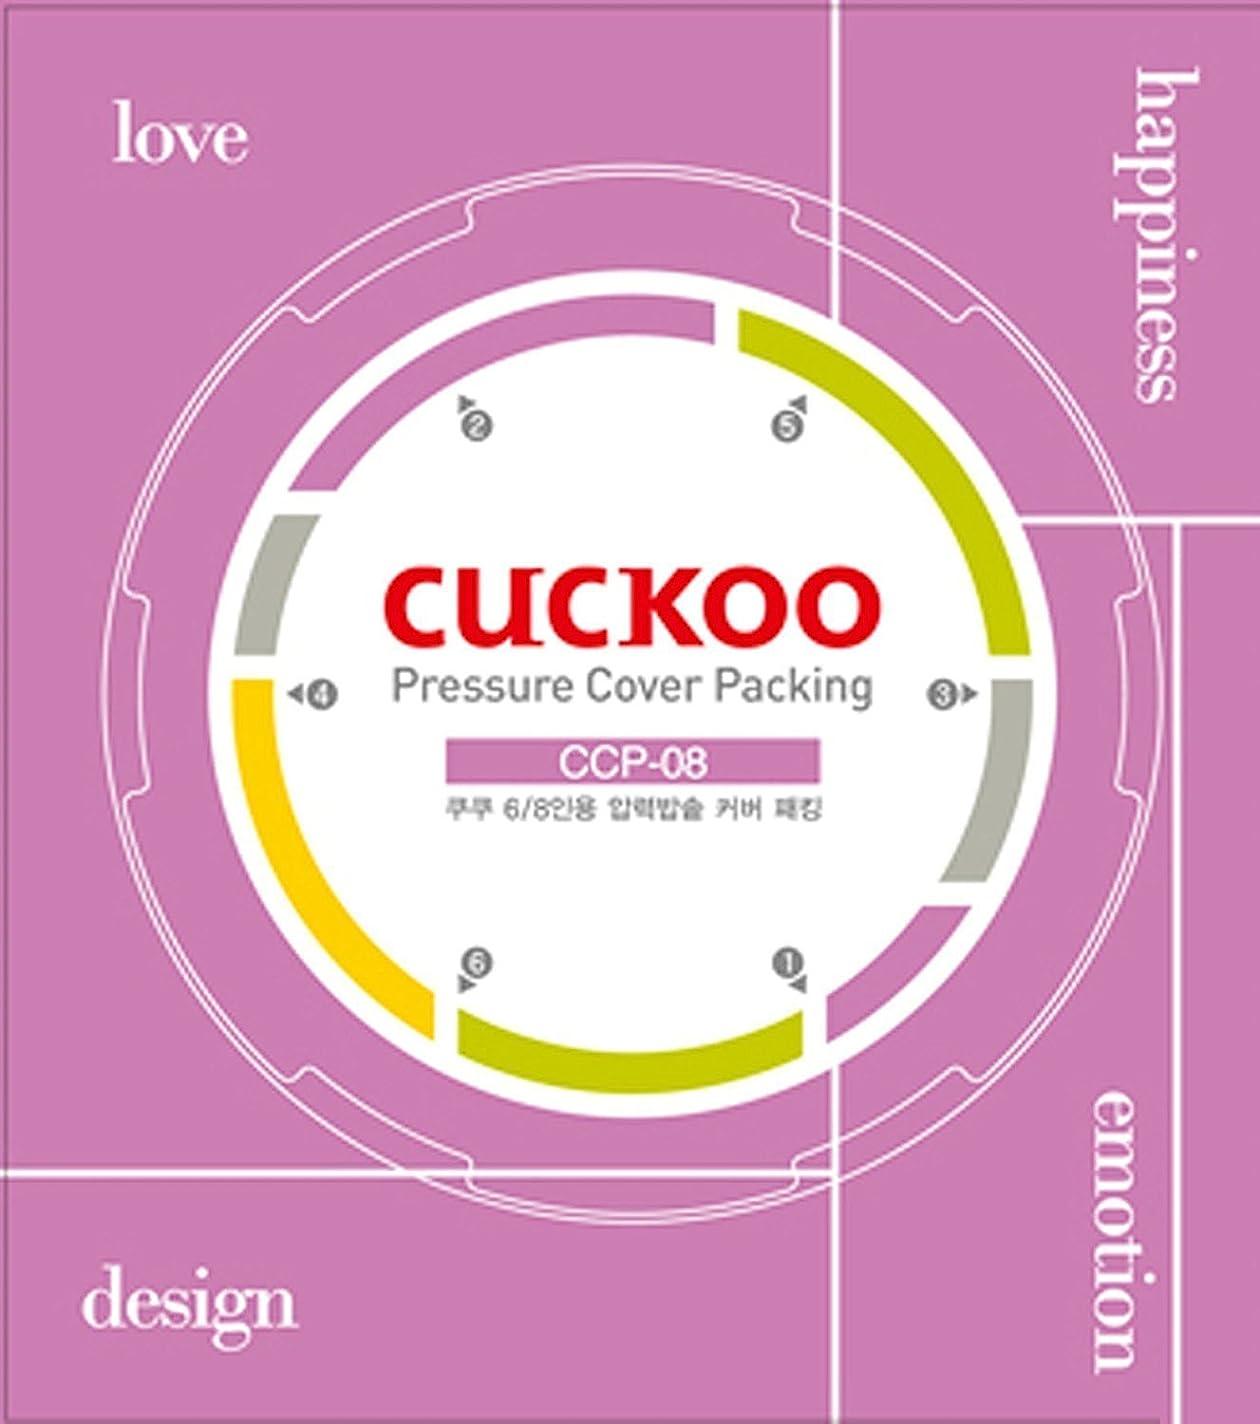 直感圧縮された撃退するCuckoo Pressure Cover Packing Replacement Ring | CCP-08 by Cuckoo